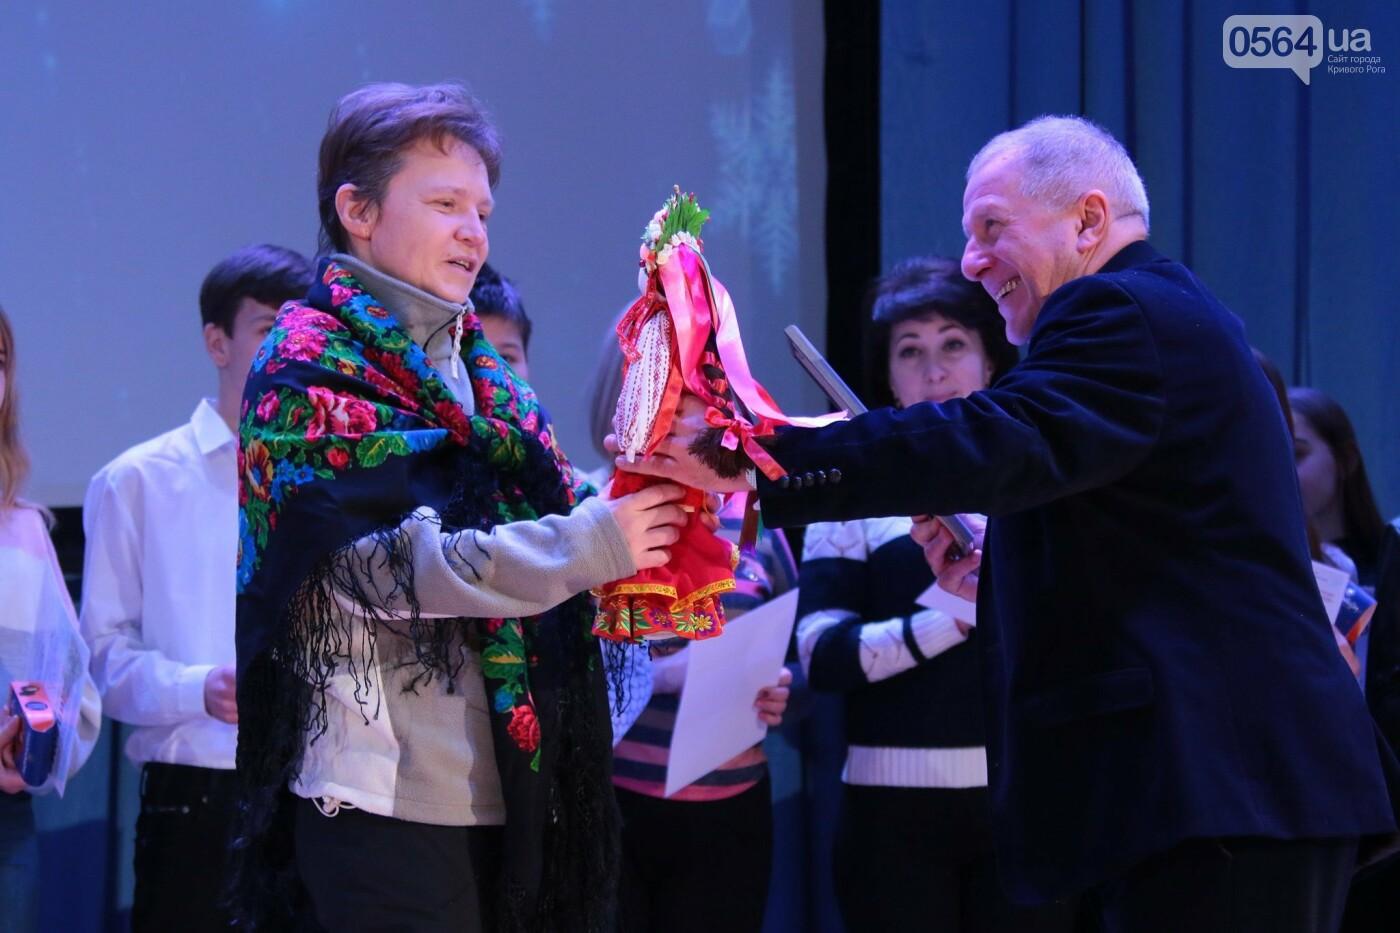 Криворожская рекордсменка получила Гран-при Всеукраинского фестиваля искусств, - ФОТО , фото-6